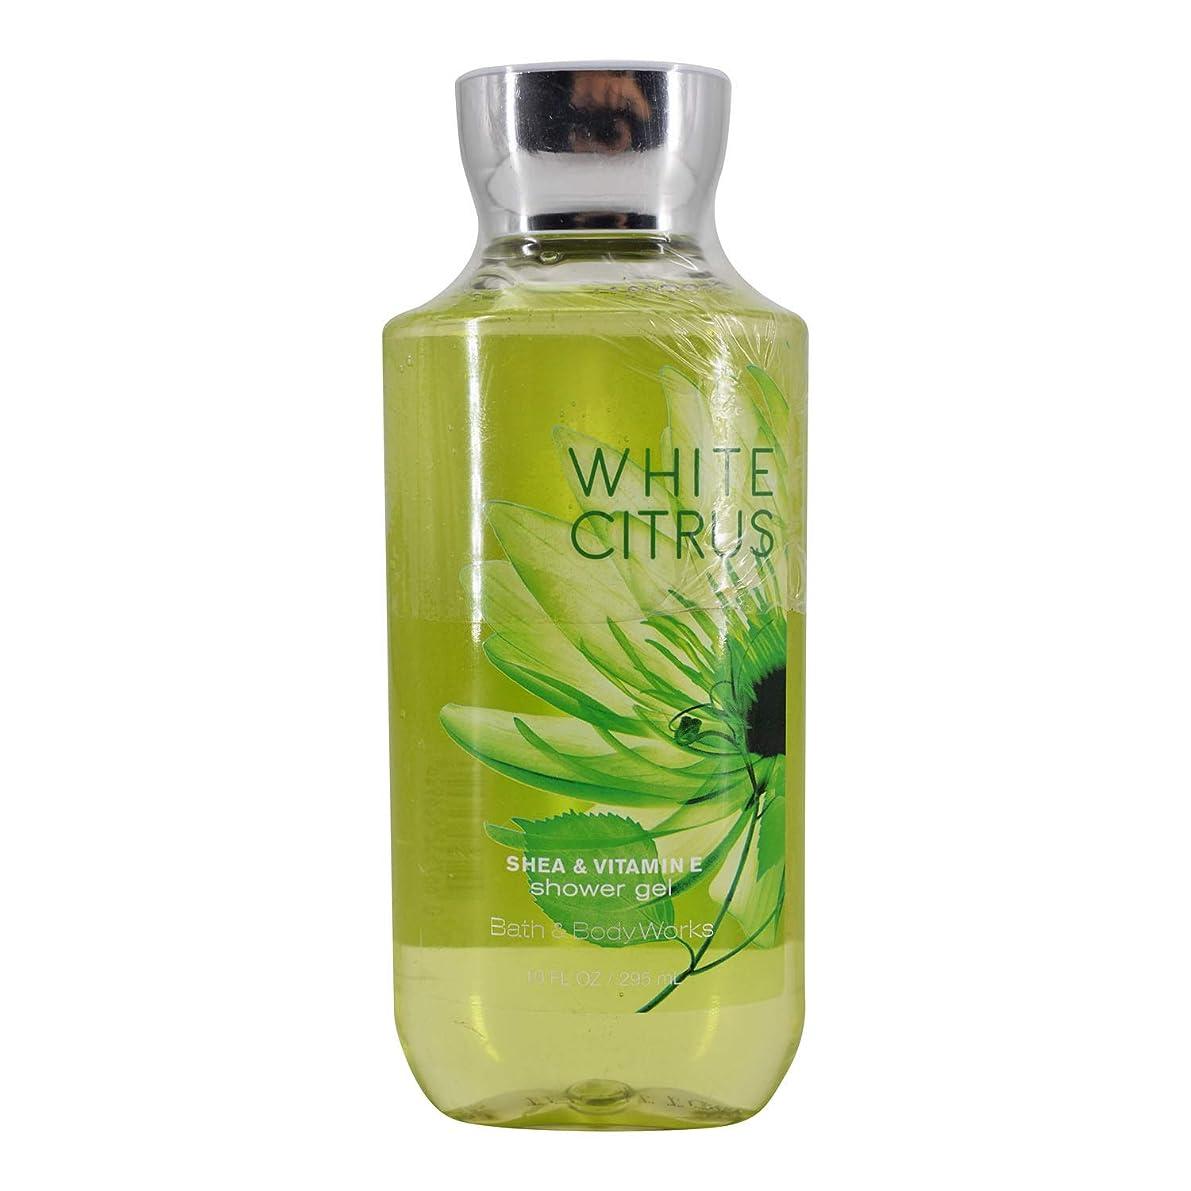 ジュニア入口突然【Bath&Body Works/バス&ボディワークス】 シャワージェル ホワイトシトラス Shower Gel White Citrus 10 fl oz / 295 mL [並行輸入品]